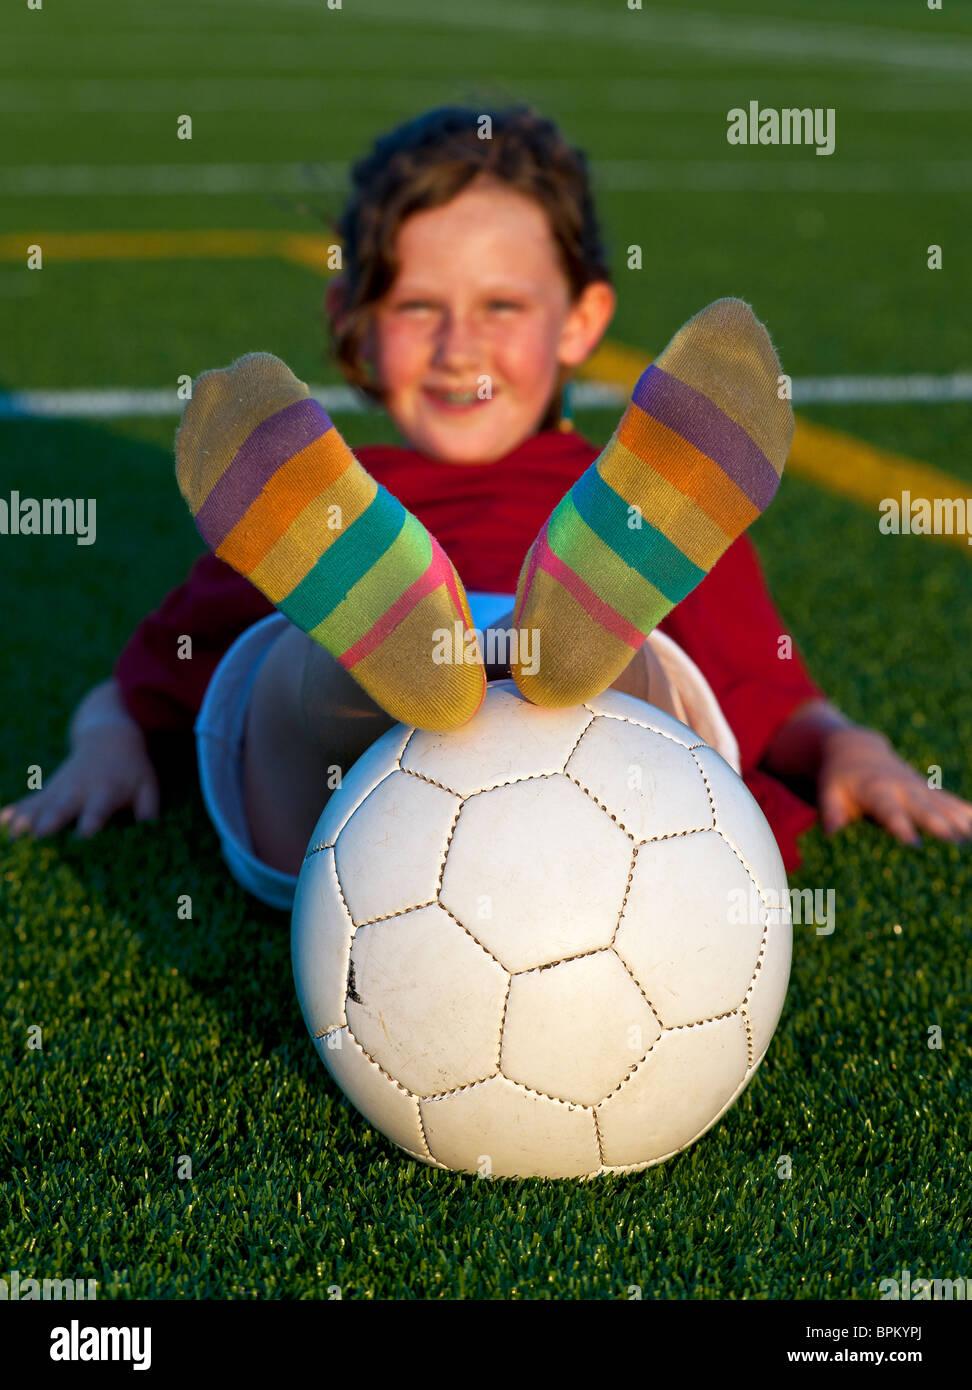 Porträt eines Mädchens mit Fußball. Stockbild